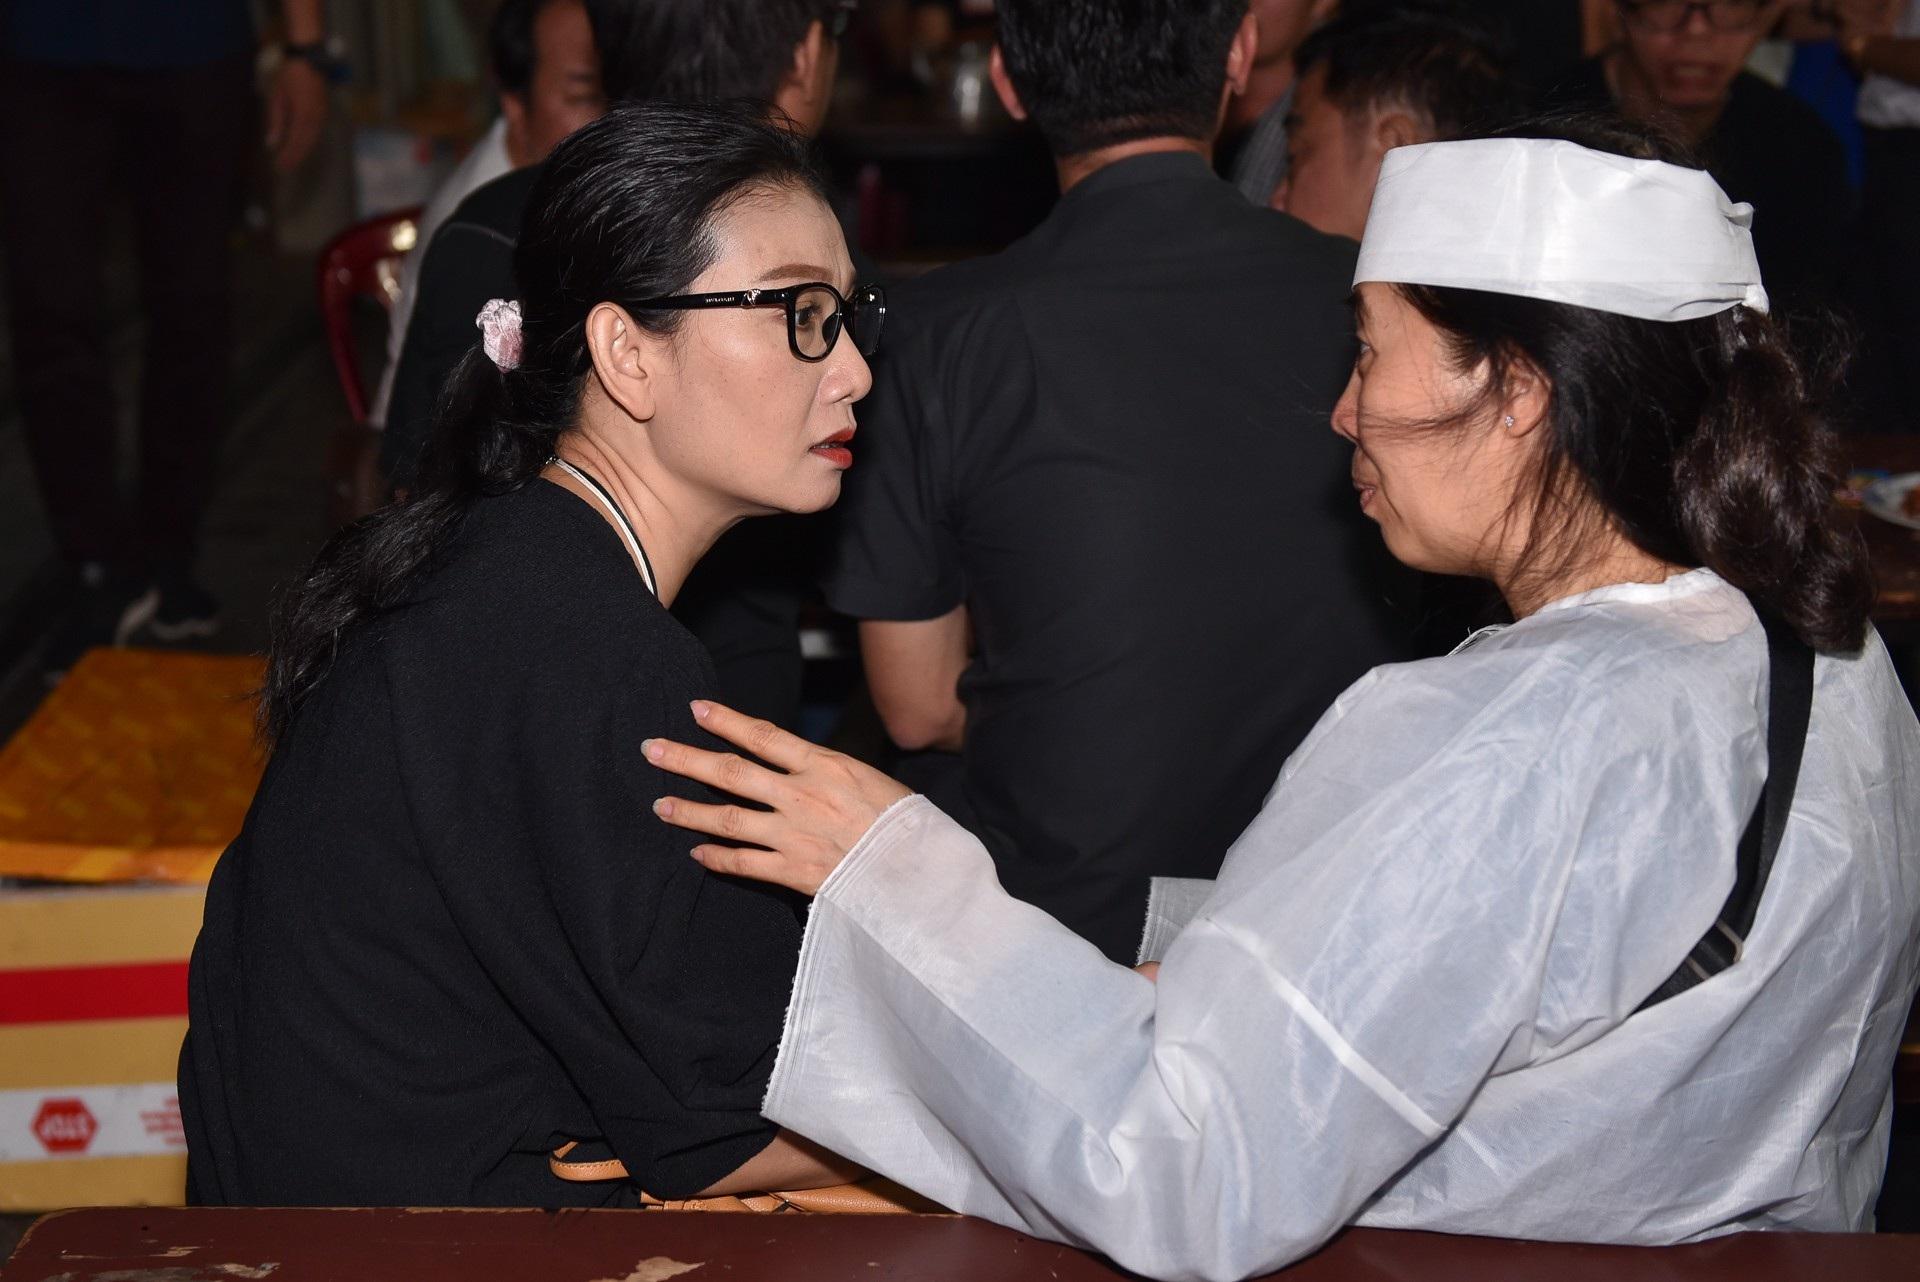 Kim Xuân, Quyền Linh, Anh Đức… xúc động khi đến viếng diễn viên Mạnh Tràng - Ảnh 7.